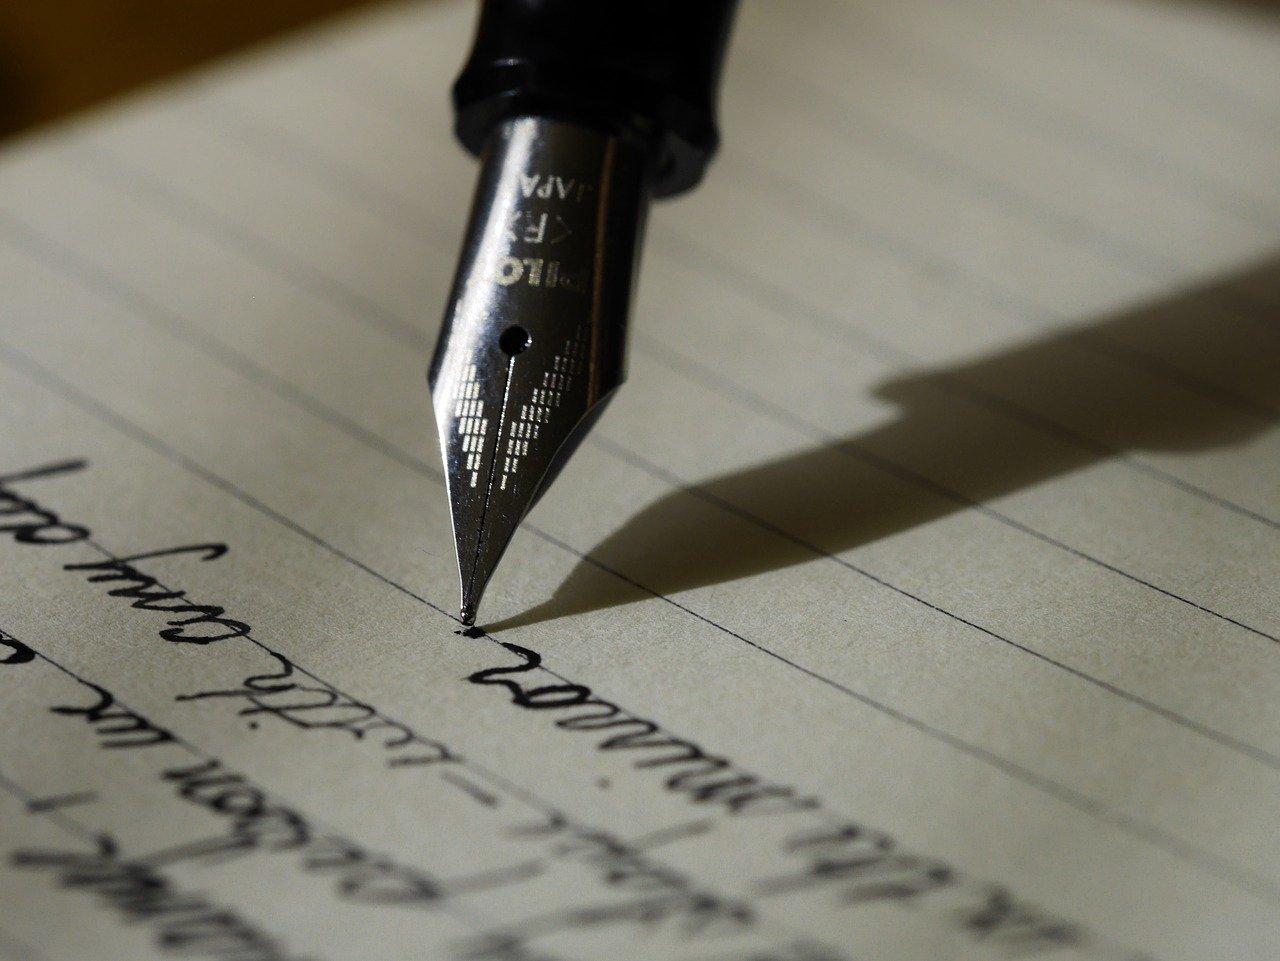 Ferramenta para escrever poesia ao estilo de poetas famosos